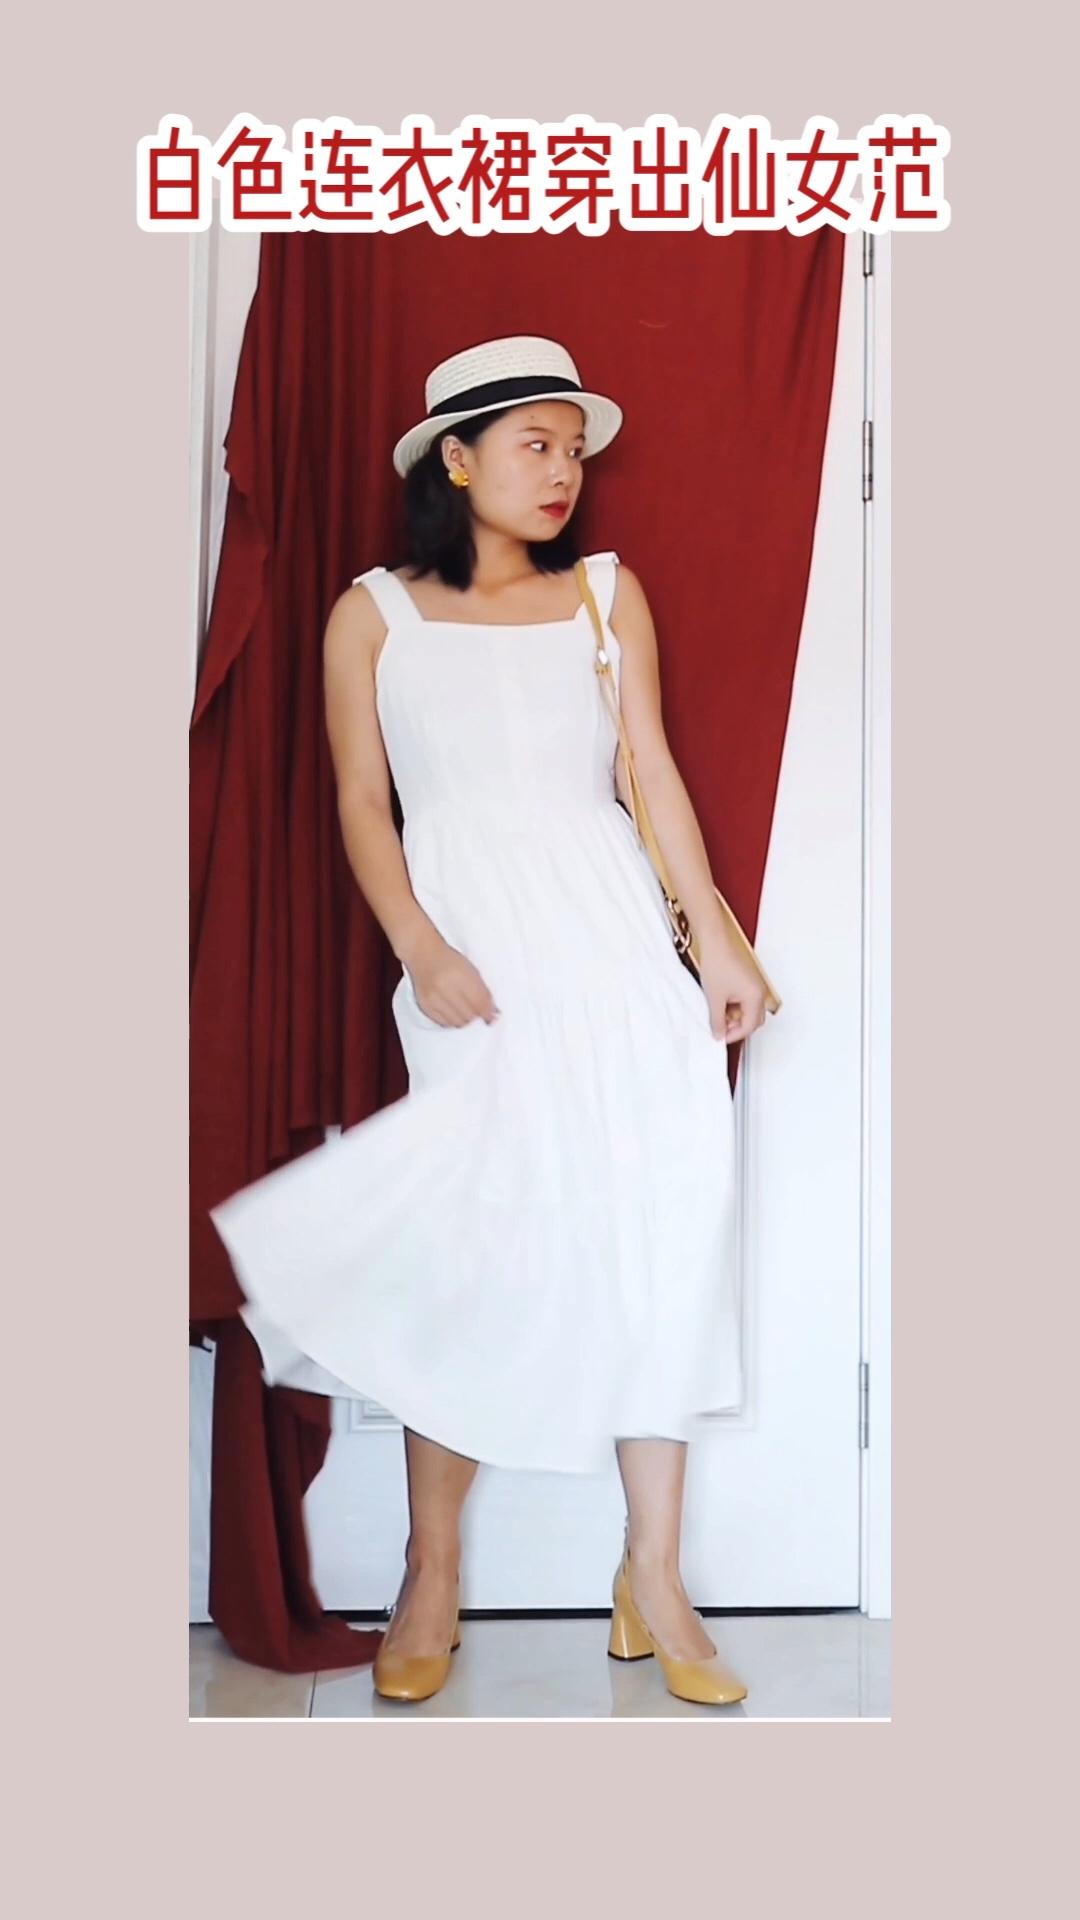 🌟屏幕下方查看商品链接🌟  8⃣️🈷️本期搭配心得: #七夕作战裙,李现女友都穿了!#   一条白色连衣裙推荐给大家。 这条裙子的颜色非常显白哦,长度也很适合小个子,重点在于它的肩膀还有漂亮设计,点亮全身搭配~  喜欢请给我点赞❤️哦~